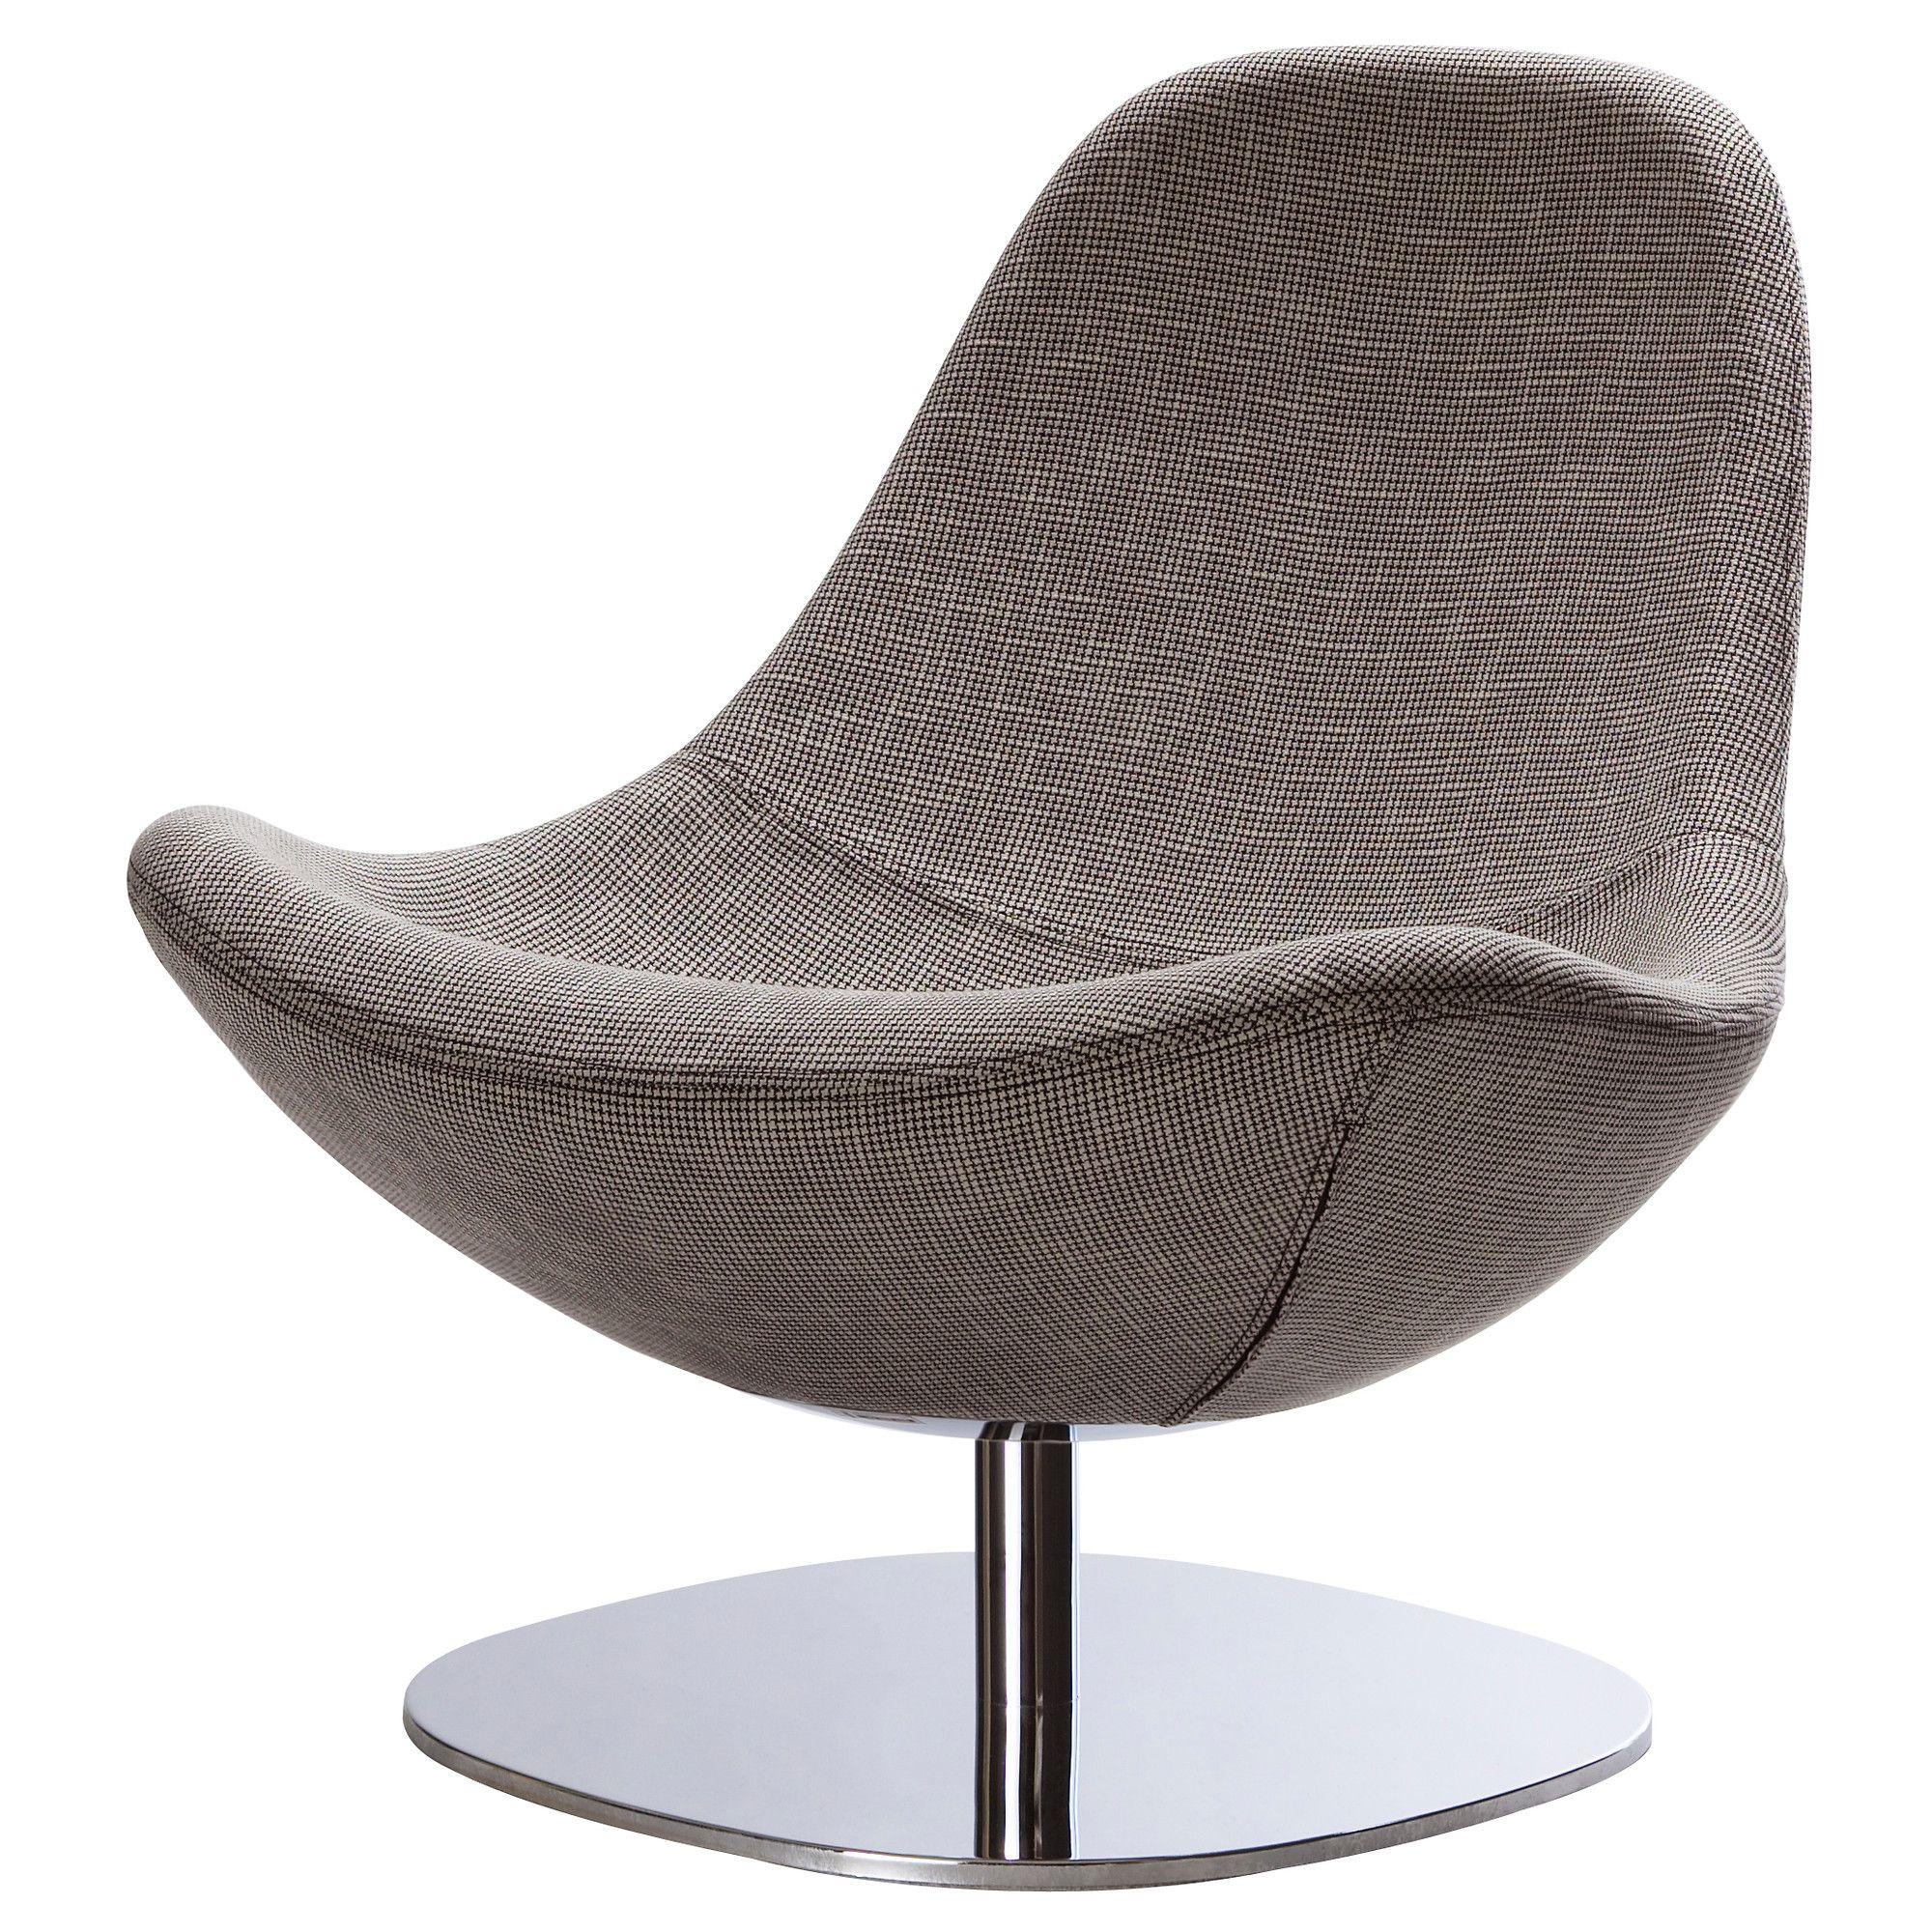 Drehsessel ikea  IKEA Produktbeskrivelse Stel: Højspændstigt polyuretanskum ...